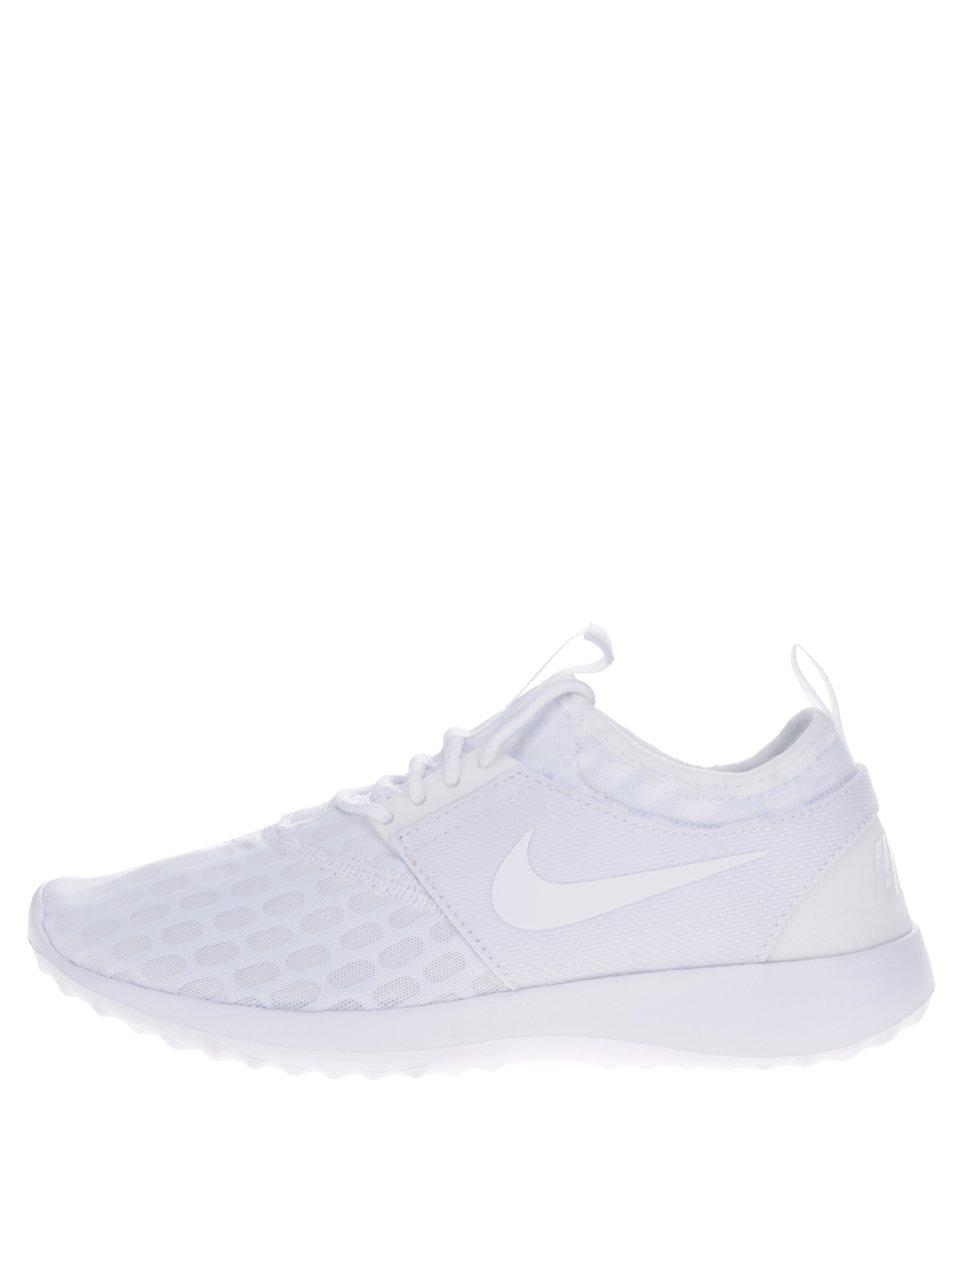 Bílé dámské tenisky Nike Juvenate